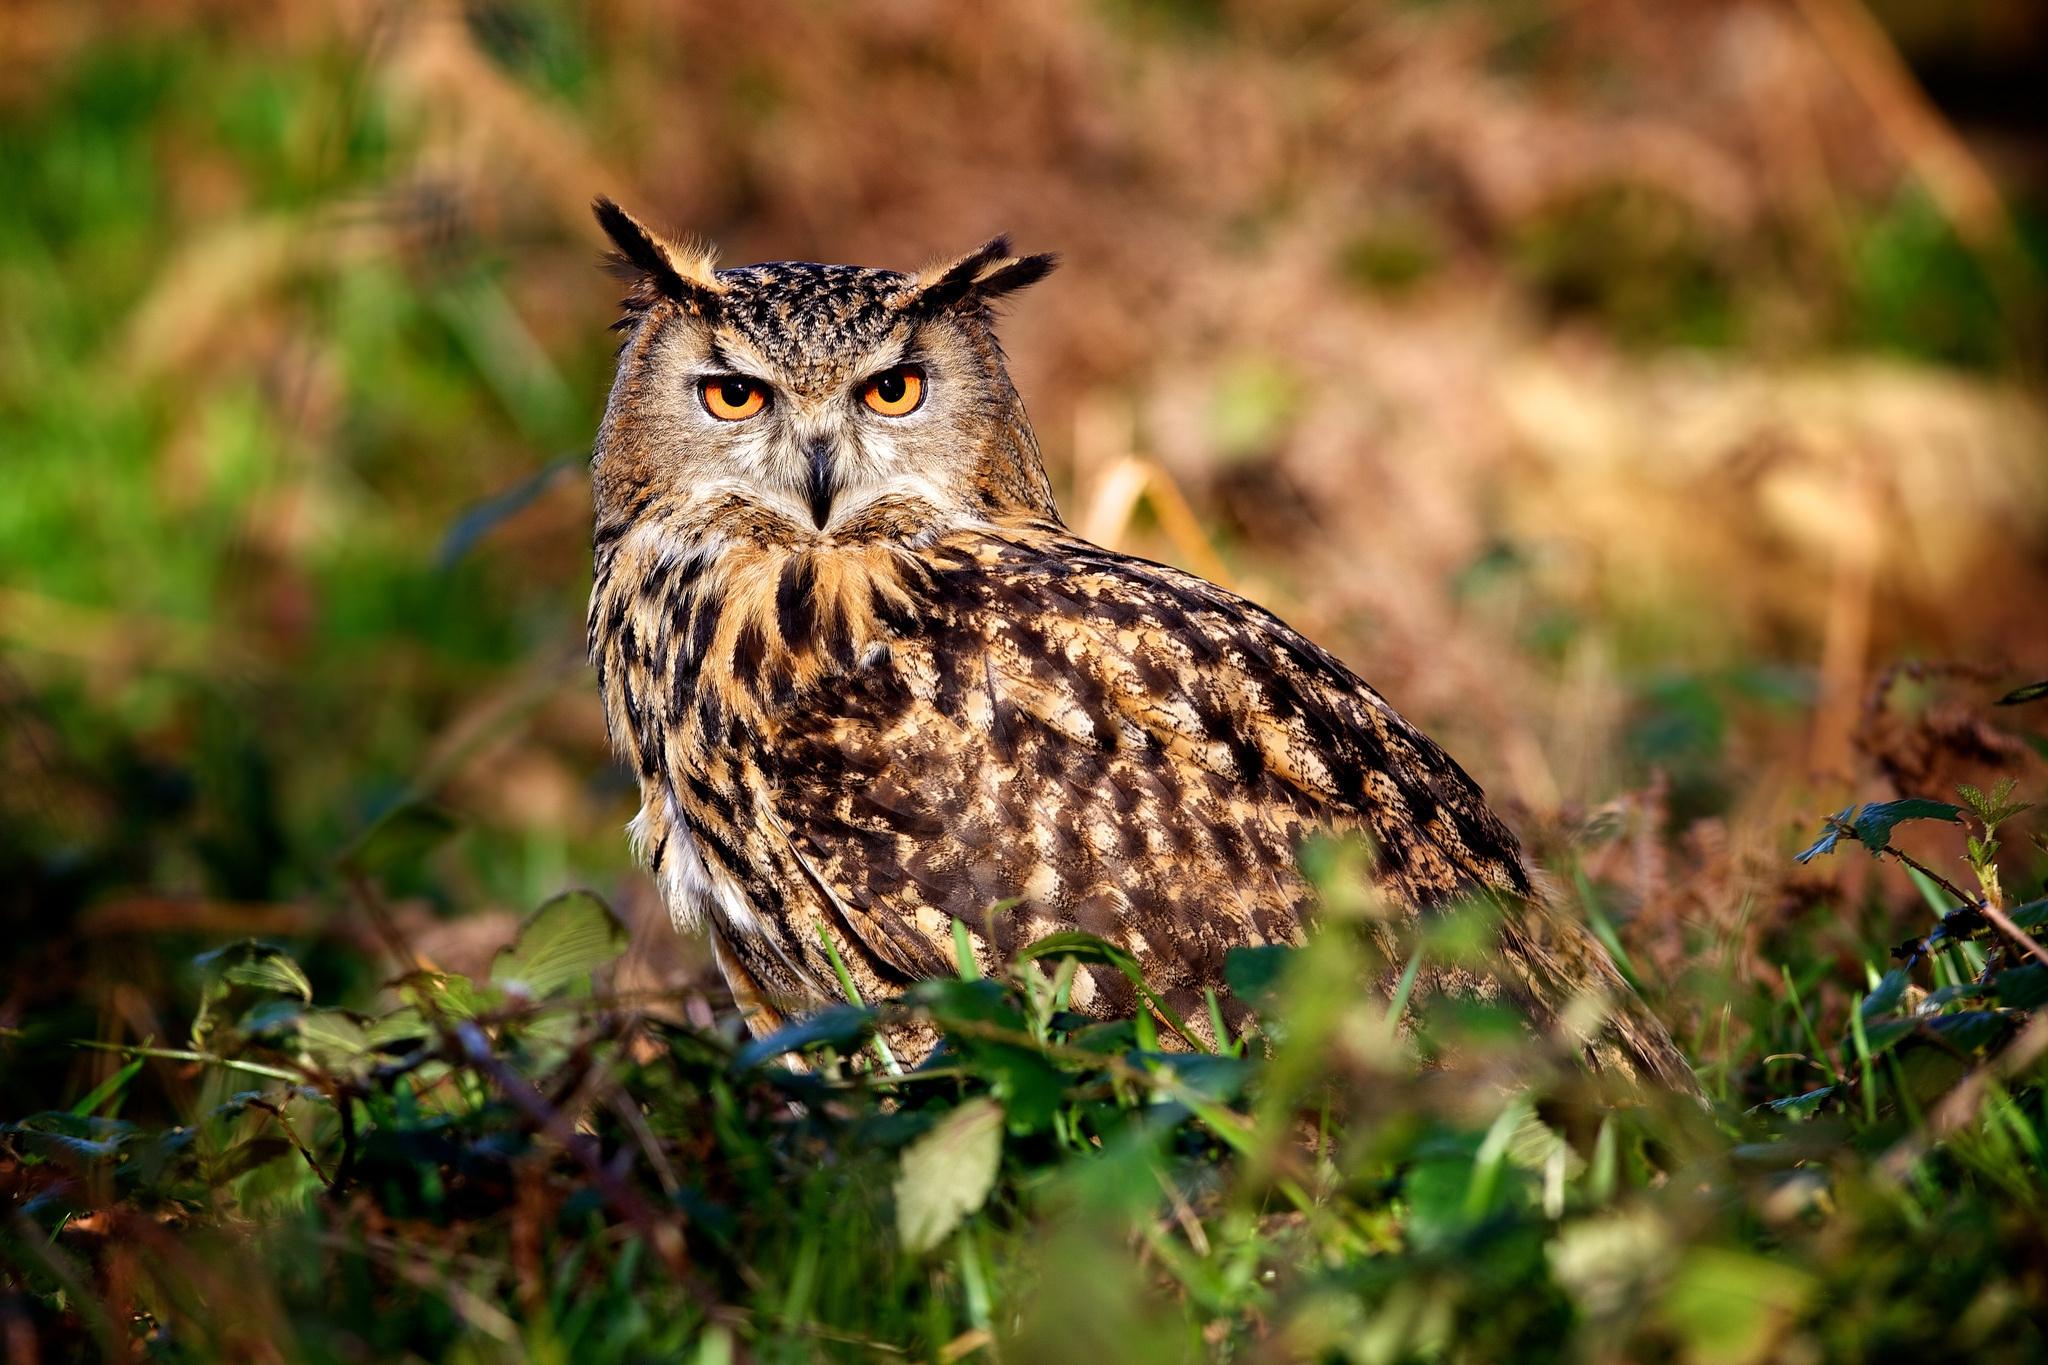 Hintergrundbilder Eule Jagd Raubtier Vogel 2048x1365